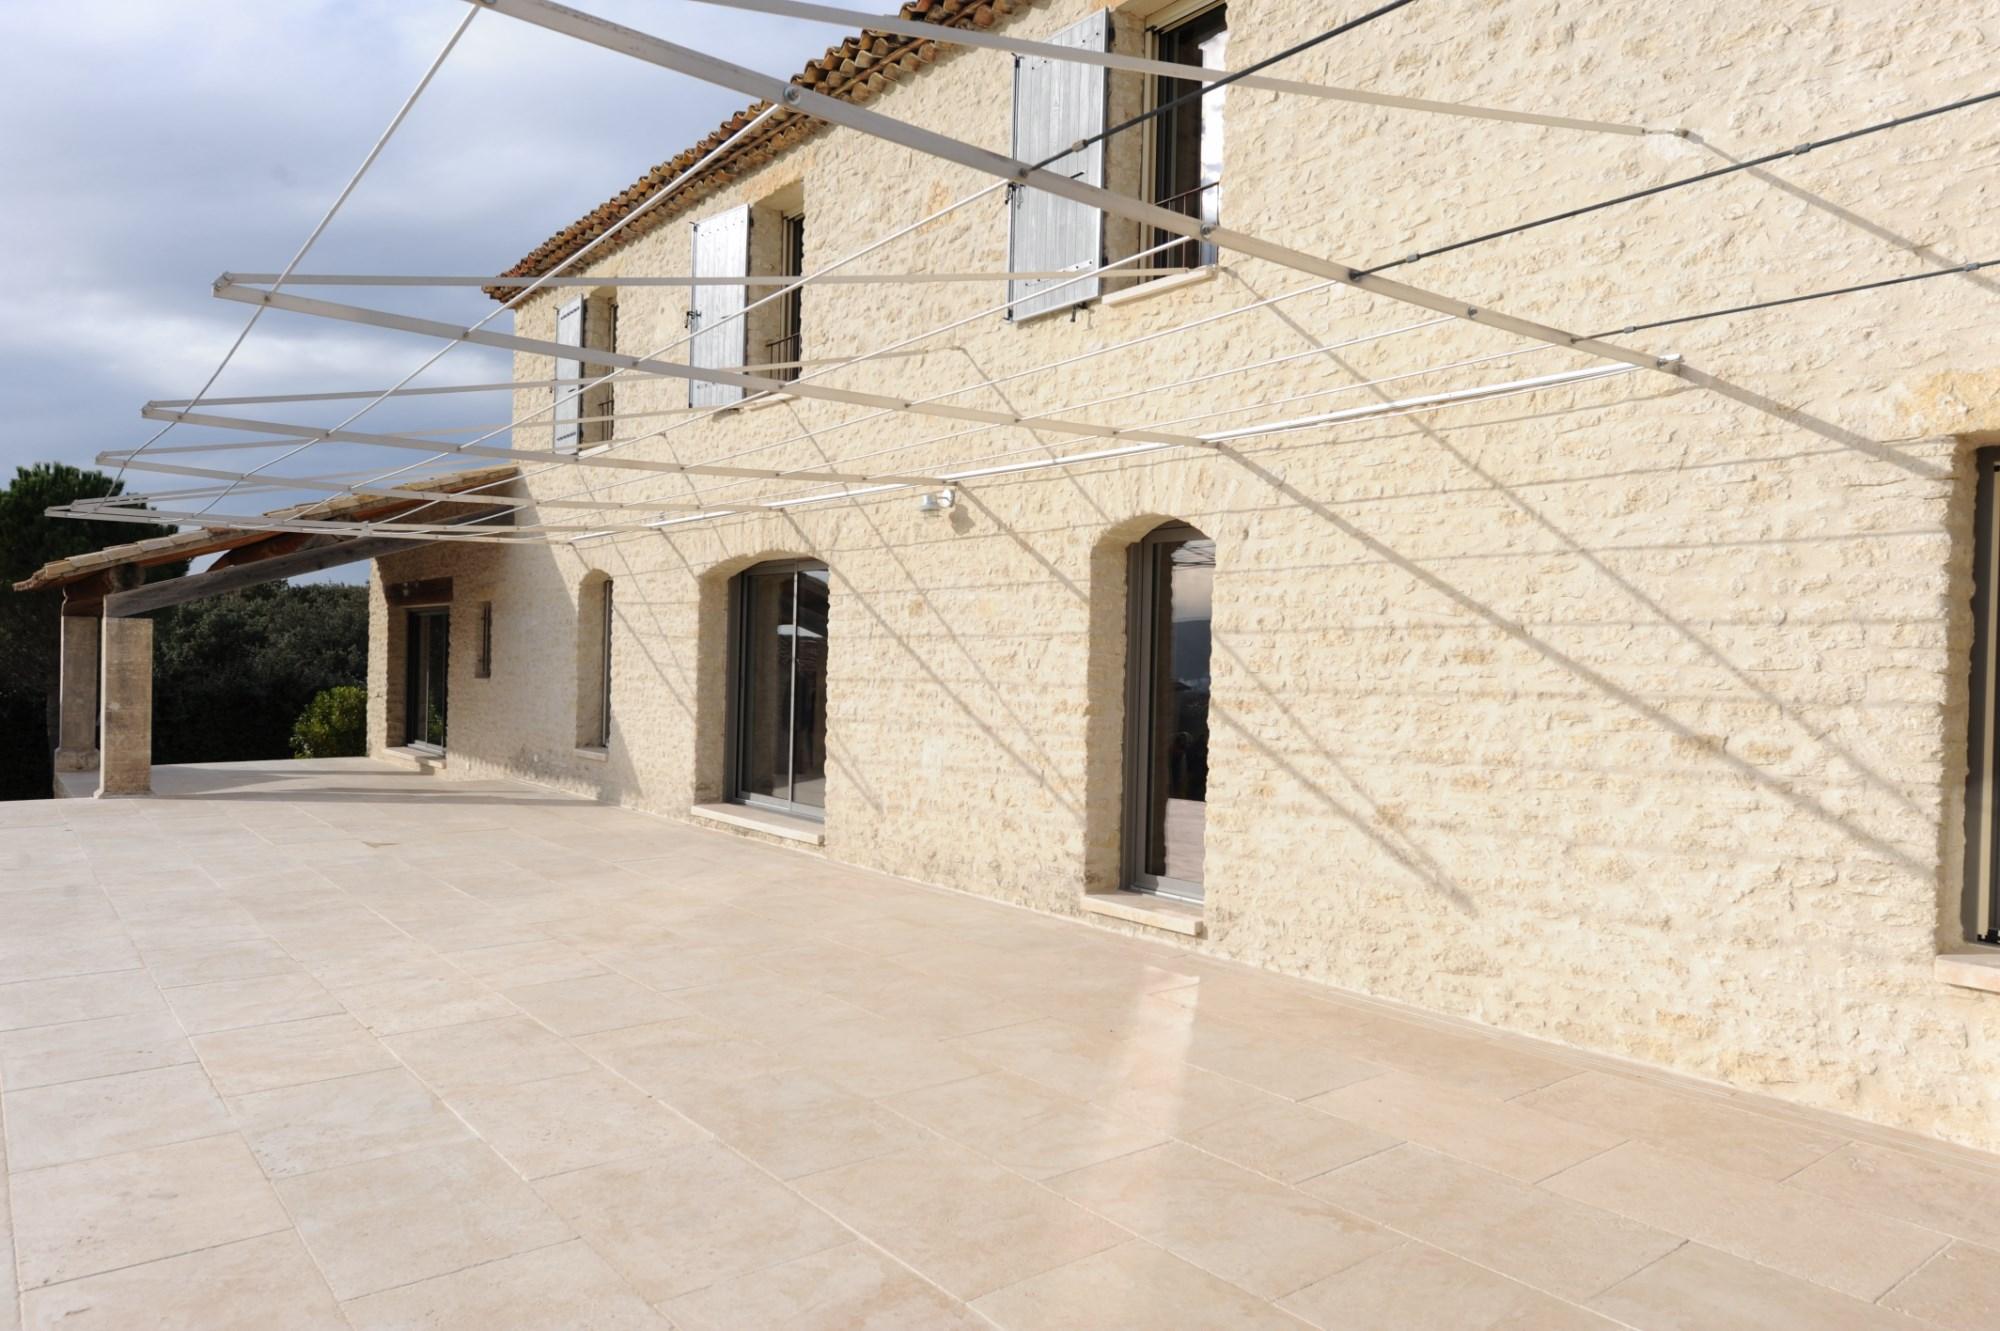 Maison traditionnelle sur terrain avec vue superbe Tà vendre proche de Gordes